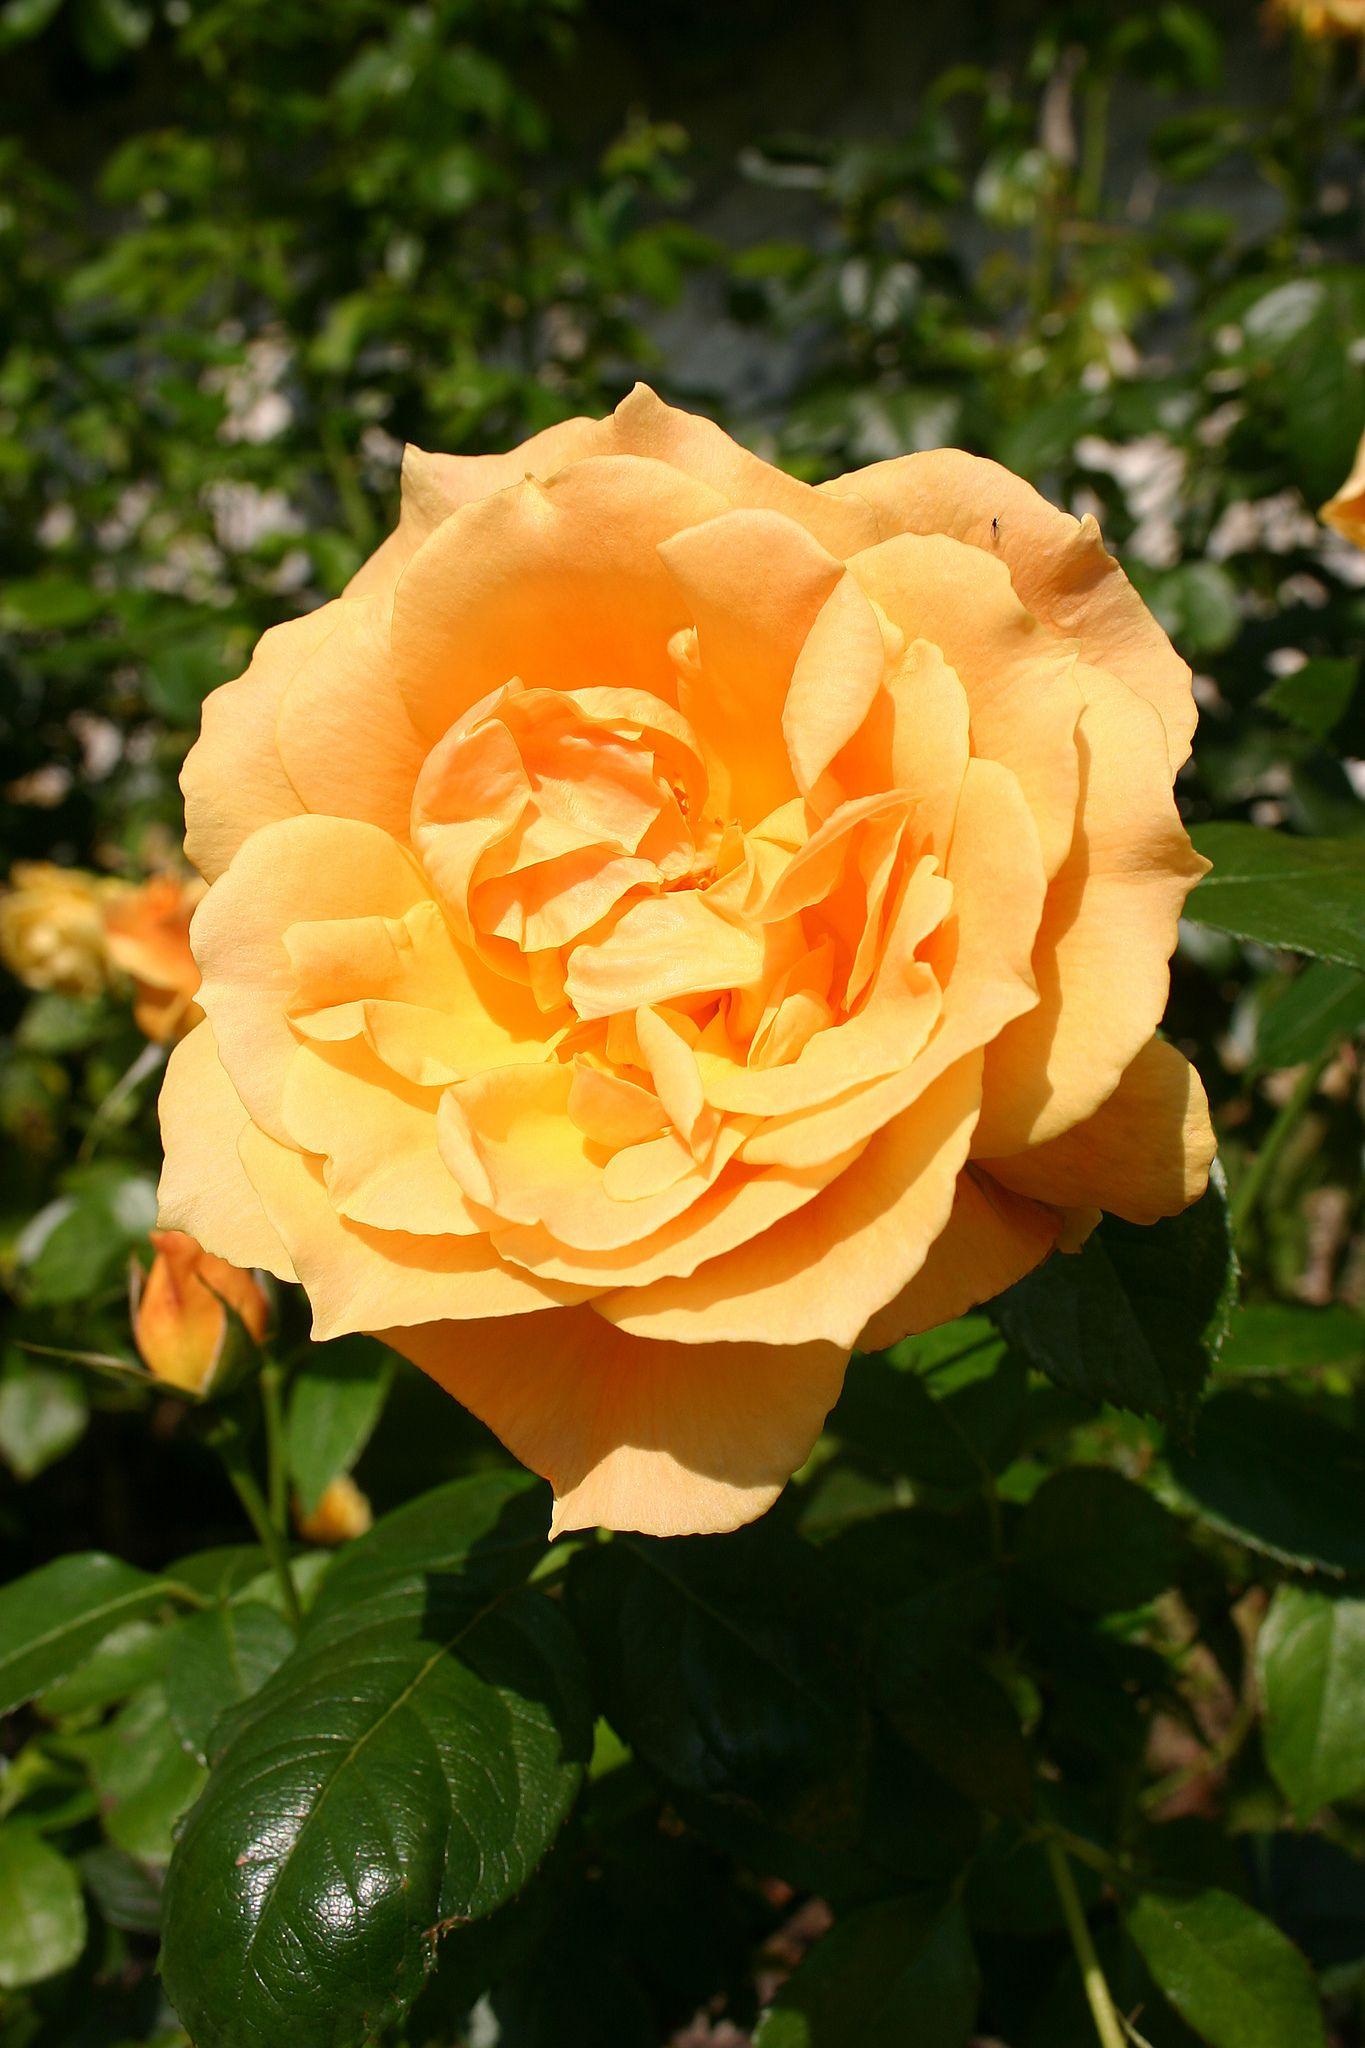 Easy Going Rose Rose Types Of Roses Orange Roses